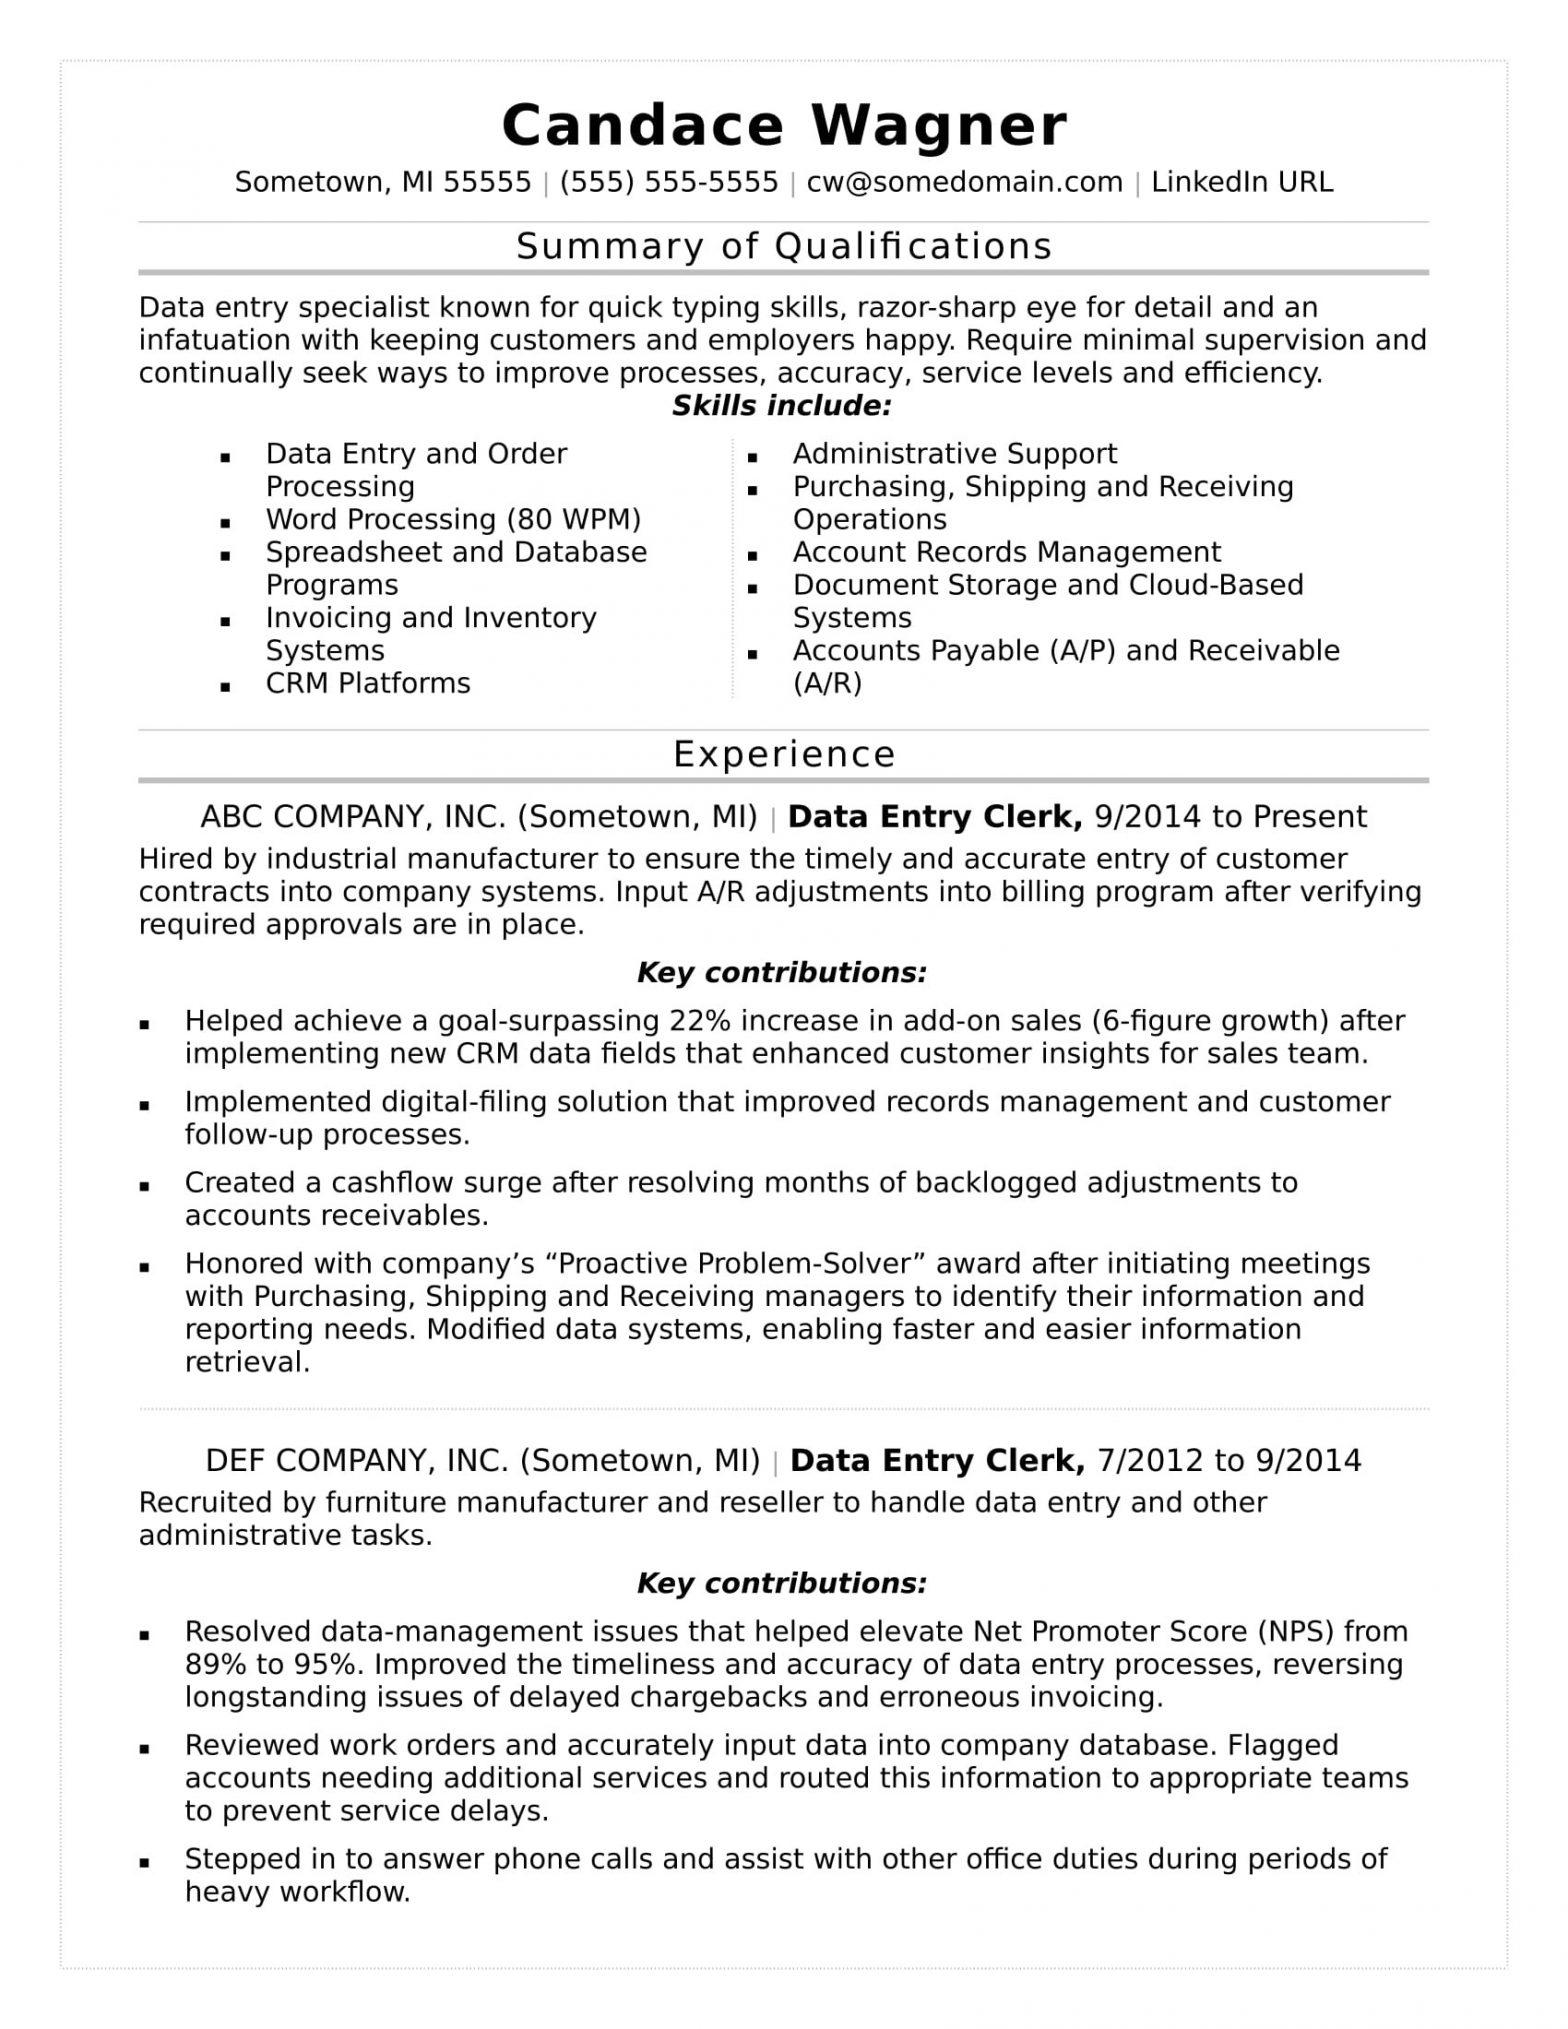 Entry Level Data Entry Resume Sample Data Entry Resume Sample Monster.com